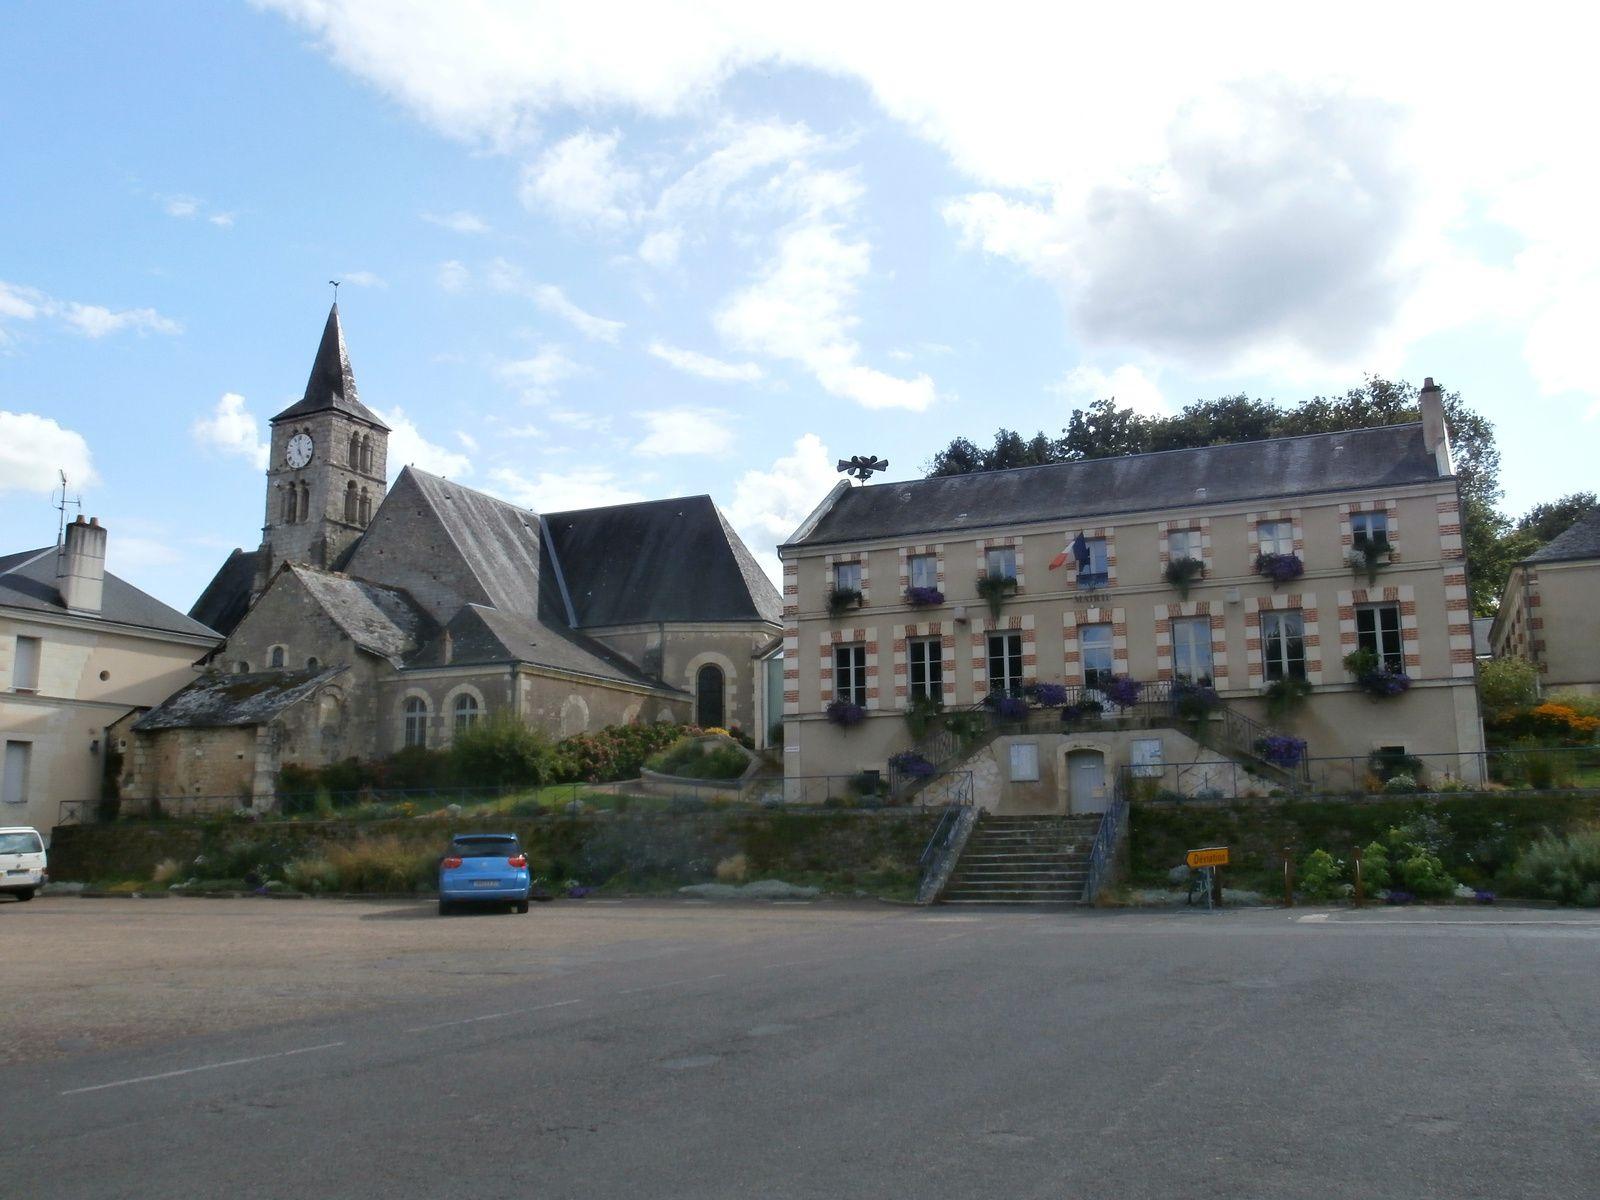 C'est un étonnant village, capitale de la vannerie où l'osier est omniprésent.